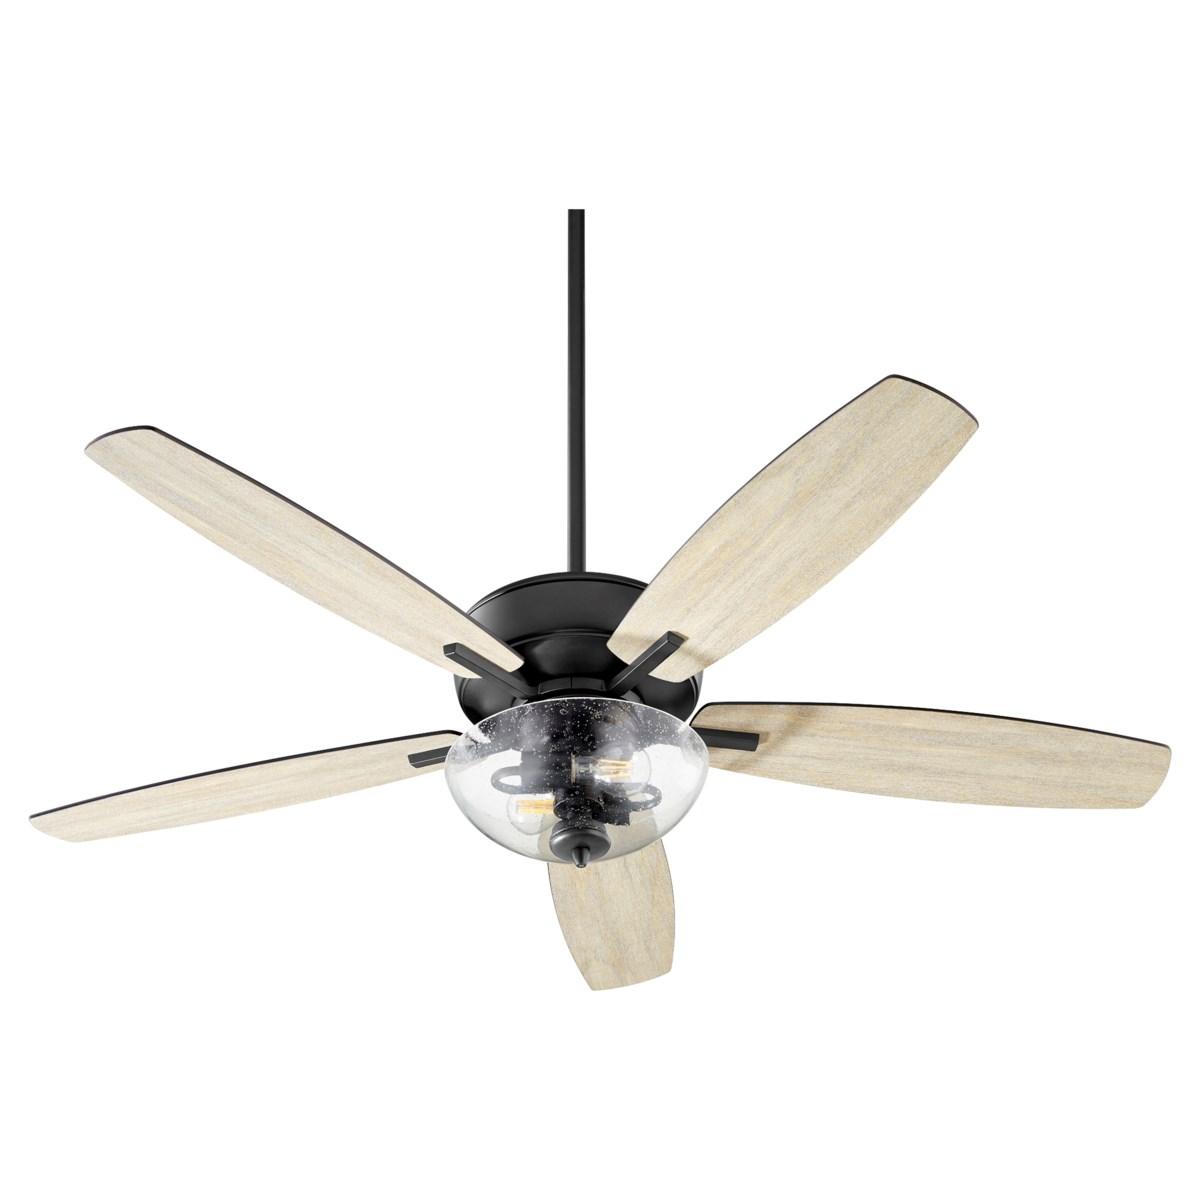 Breeze 52-in 5 Blade Black Noir Transitional Ceiling Fan